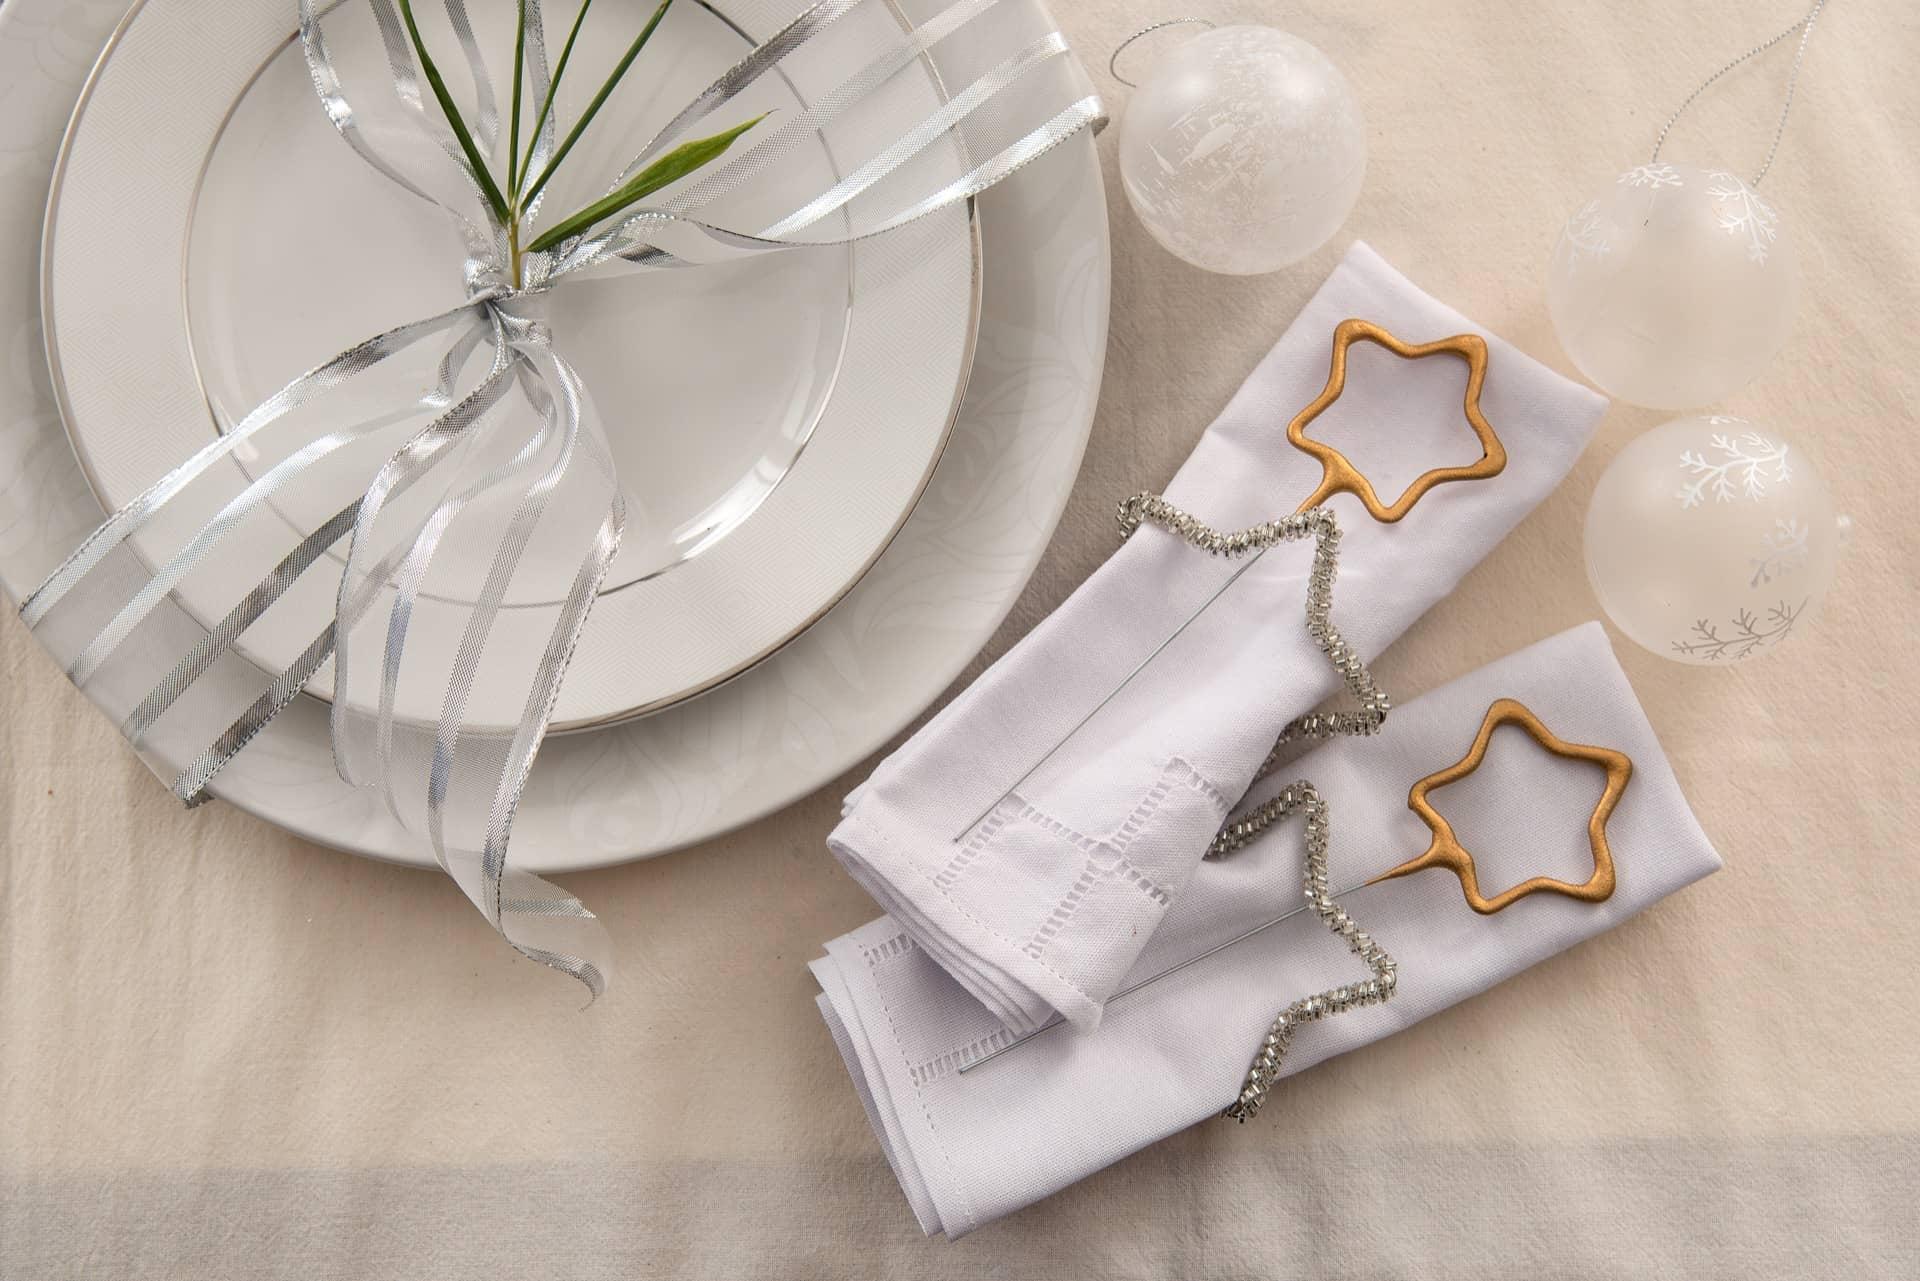 Imagem: Na hora da virada, uma vela de faísca em formato de estrela vai fazer a festa. Deixe-a presa no anel de guardanapo, que na verdade, é um enfeite de árvore de Natal, no mesmo formato.Foto: Cacá Bratke.